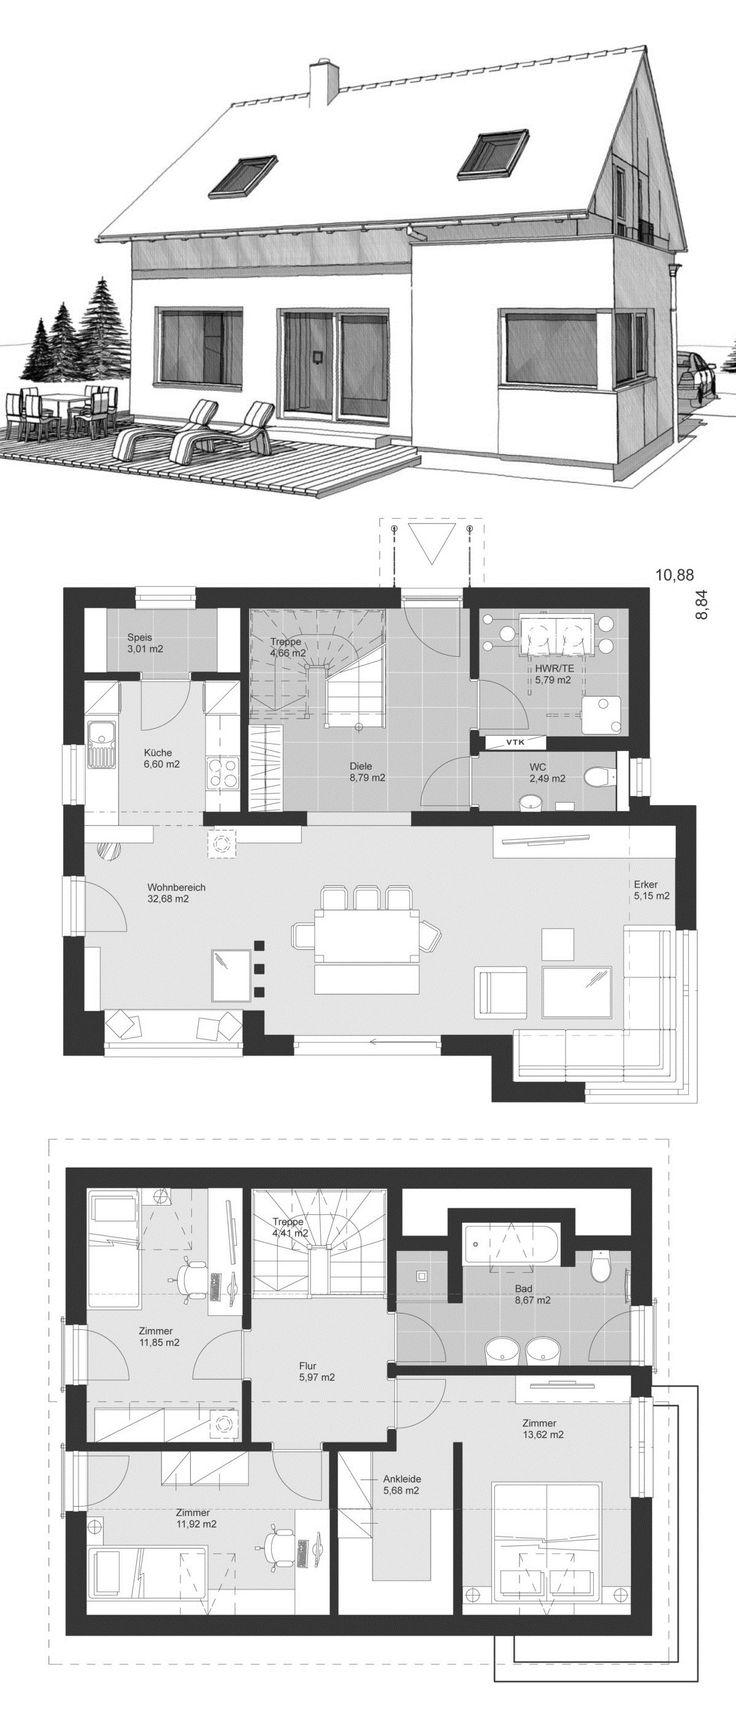 Modernes einfamilienhaus mit satteldach holzfassade 4 for Modernes einfamilienhaus grundriss